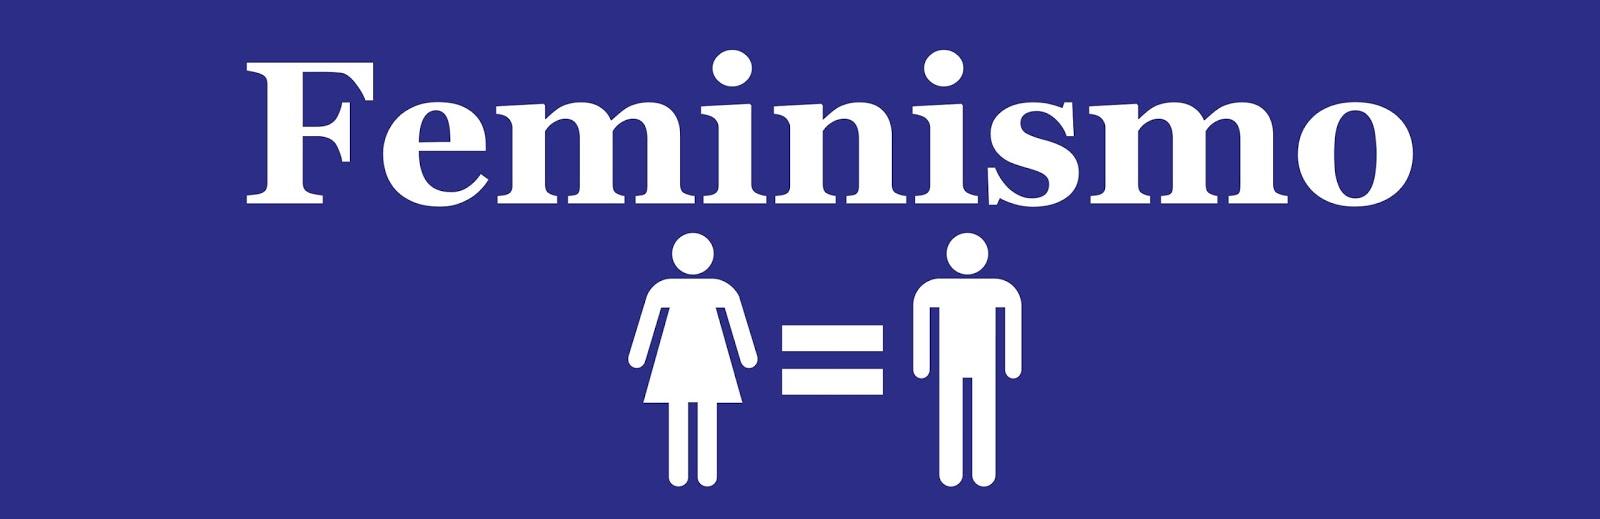 sobre las mujeres tipos de feminismo